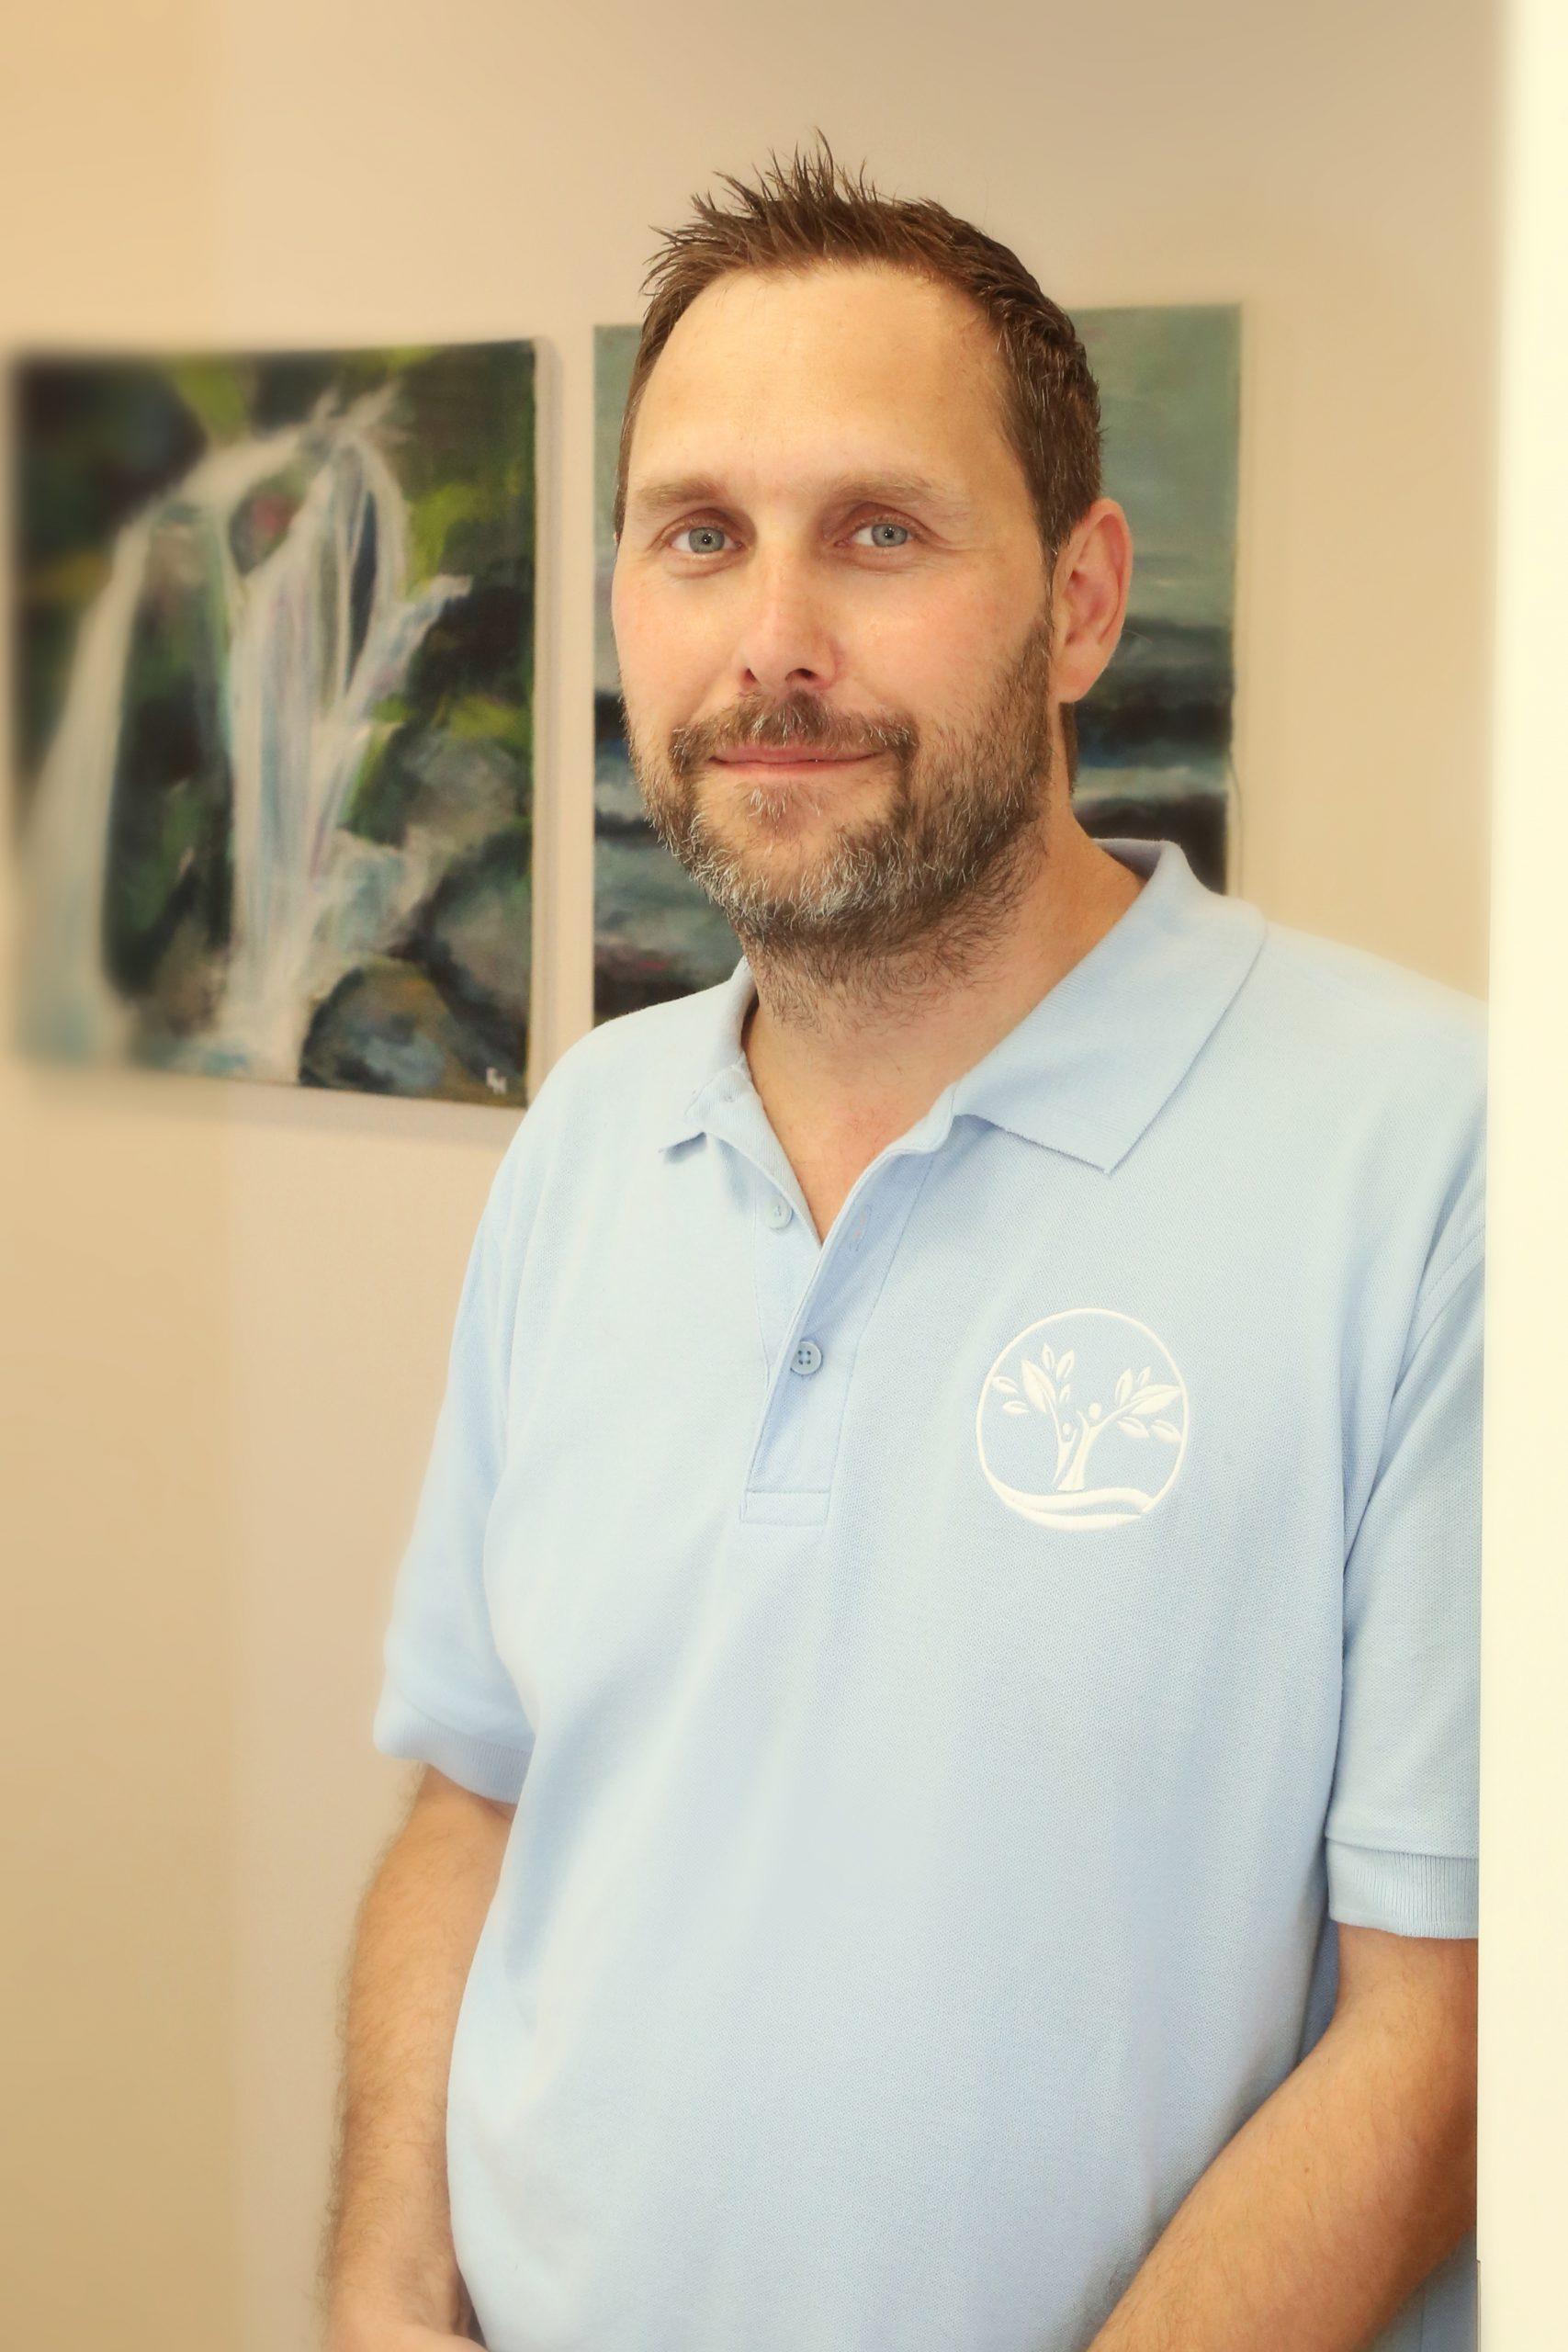 Dr. Florian Hoffer